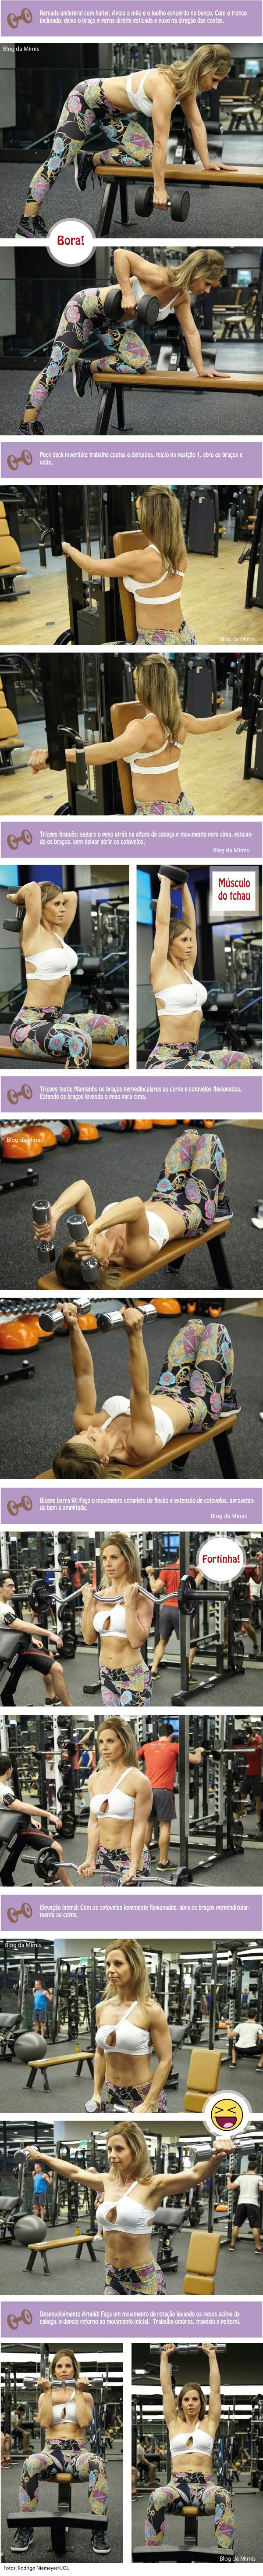 Vamos fazer exercício!  Blog da Mimis #exercício #treino #musculação…